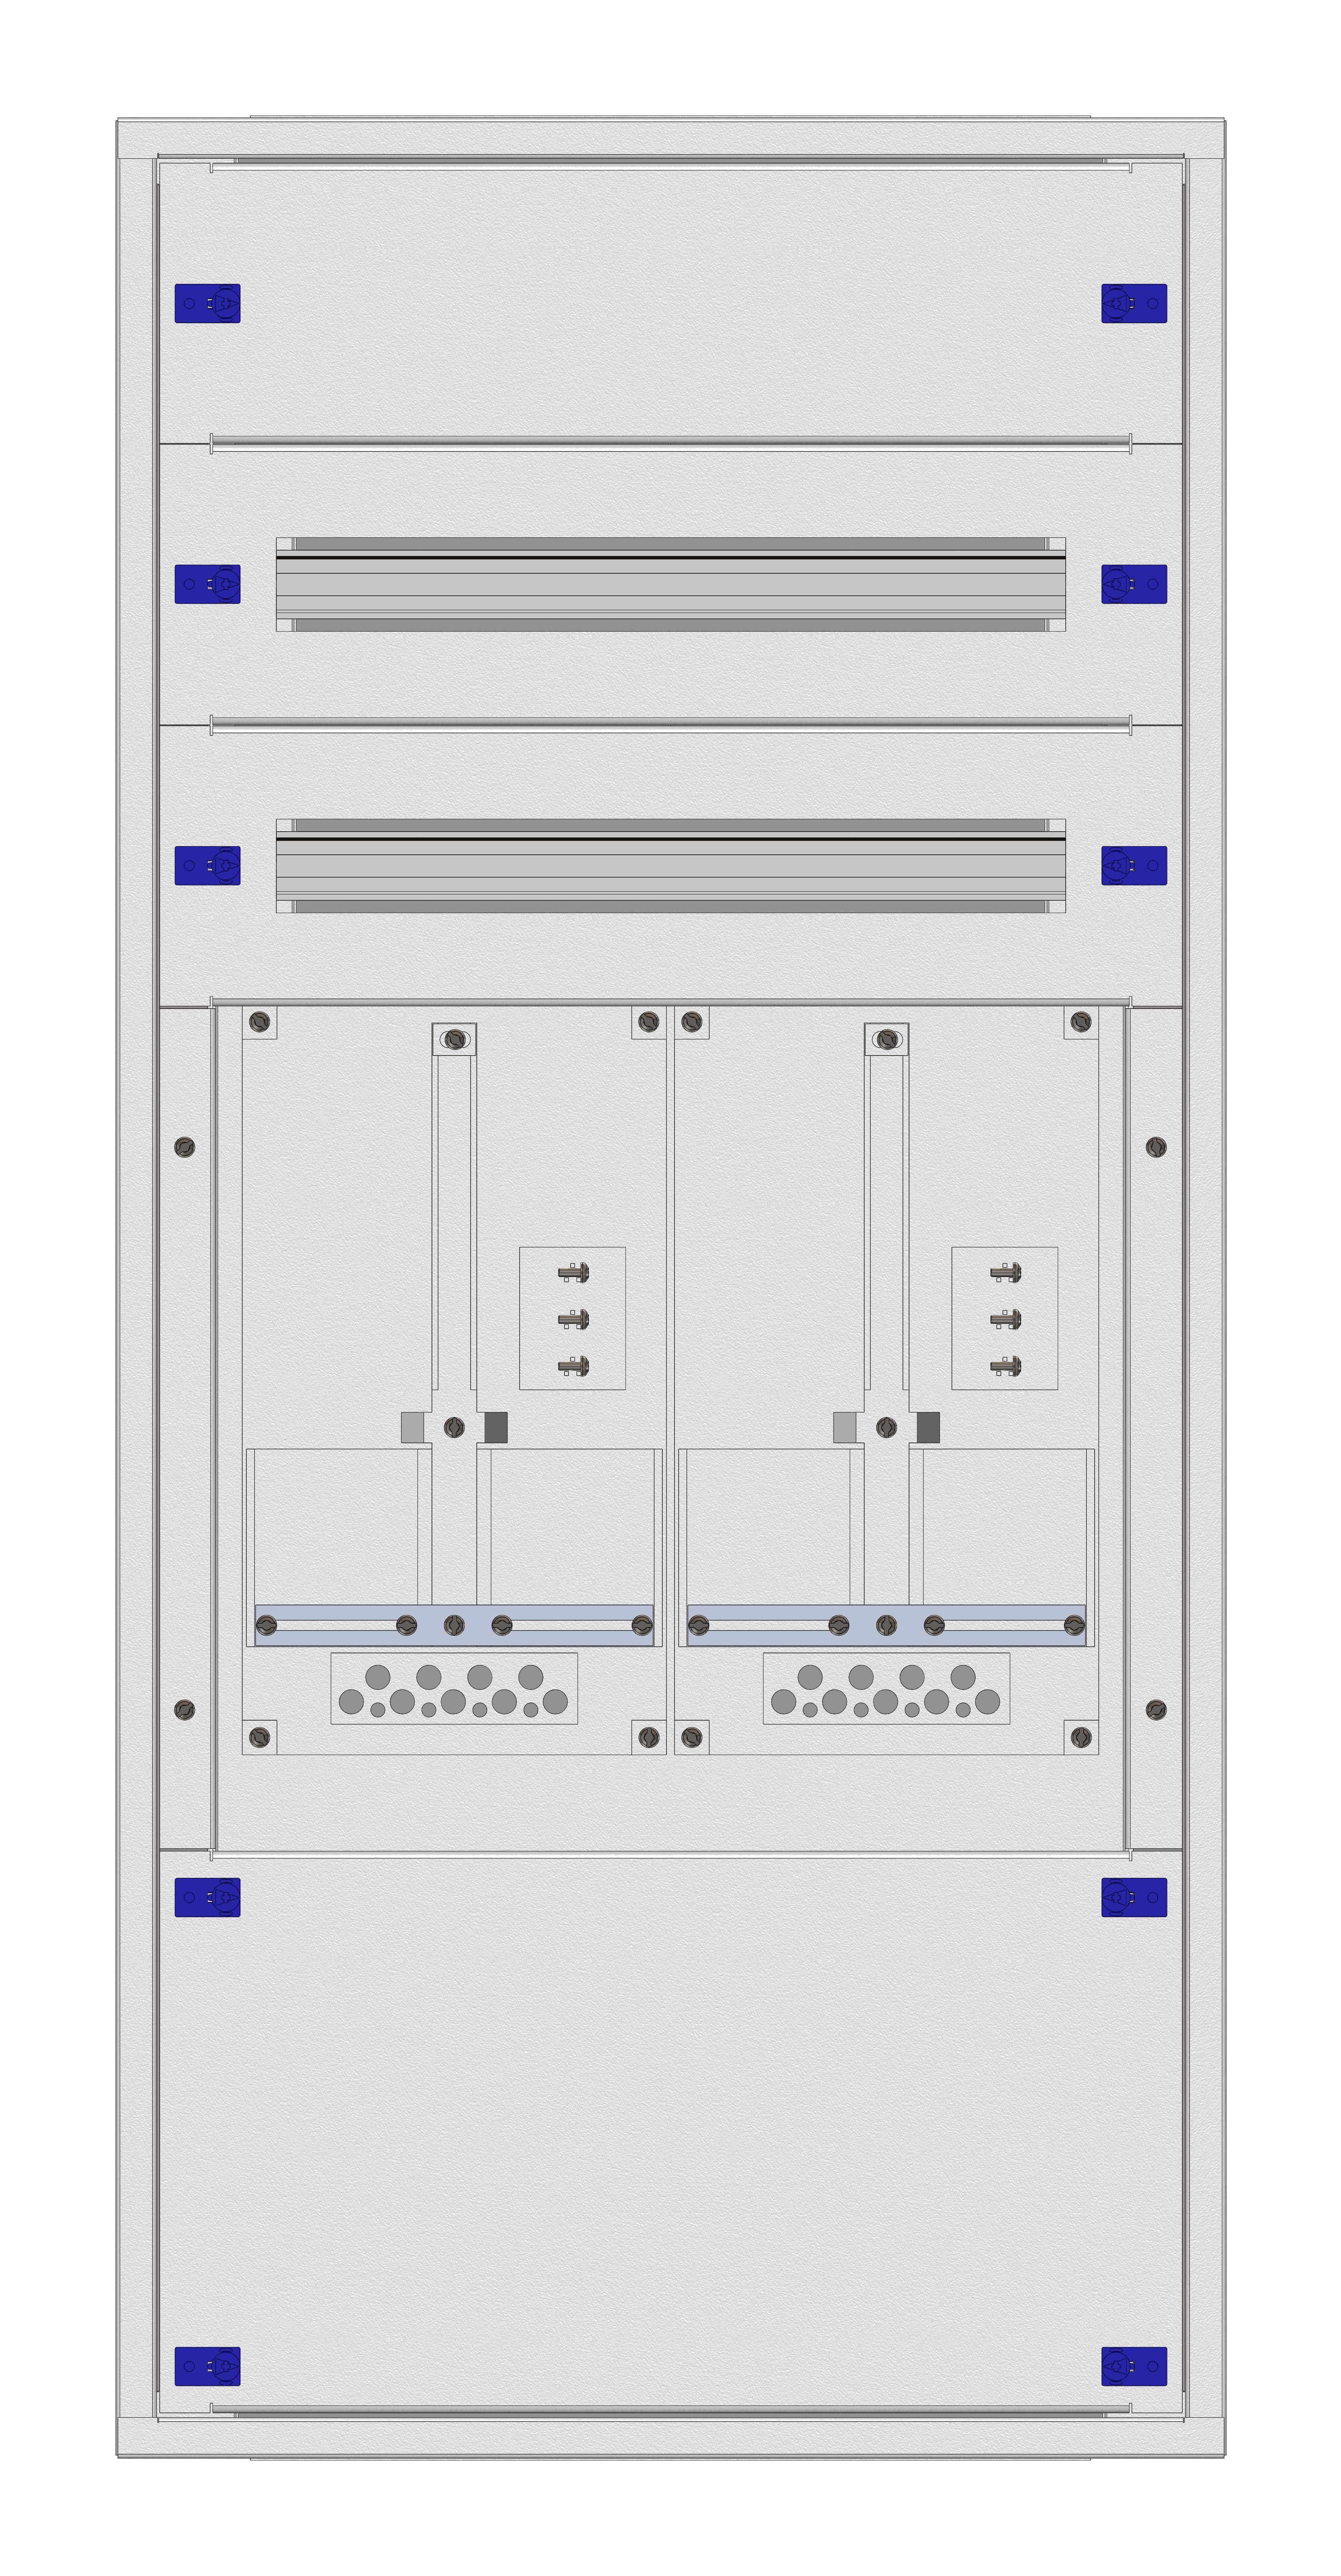 1 Stk Aufputz-Zählerverteiler 2A-24E/TIR 2ZP, H1195B590T250mm IL160224TS